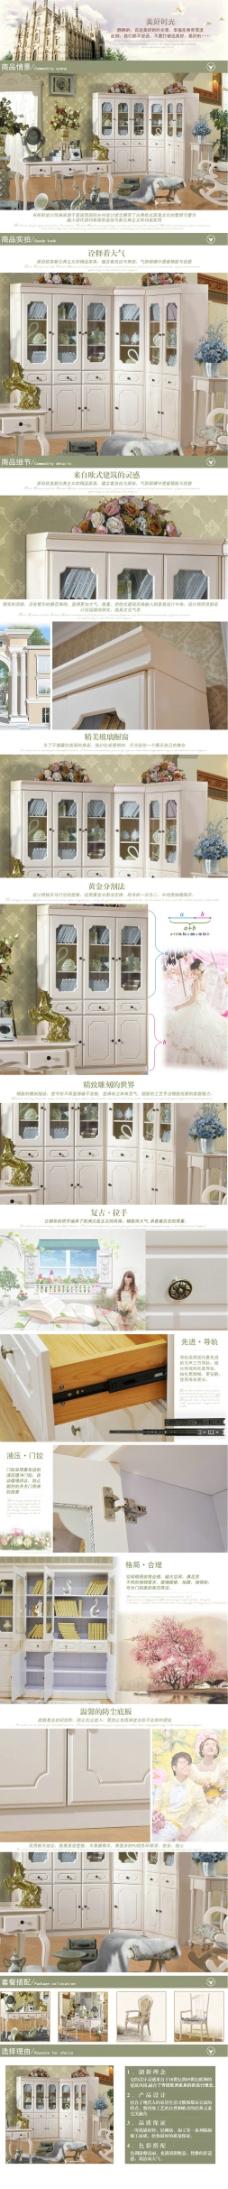 卧室用品淘宝电商日用家居详情页设计素材